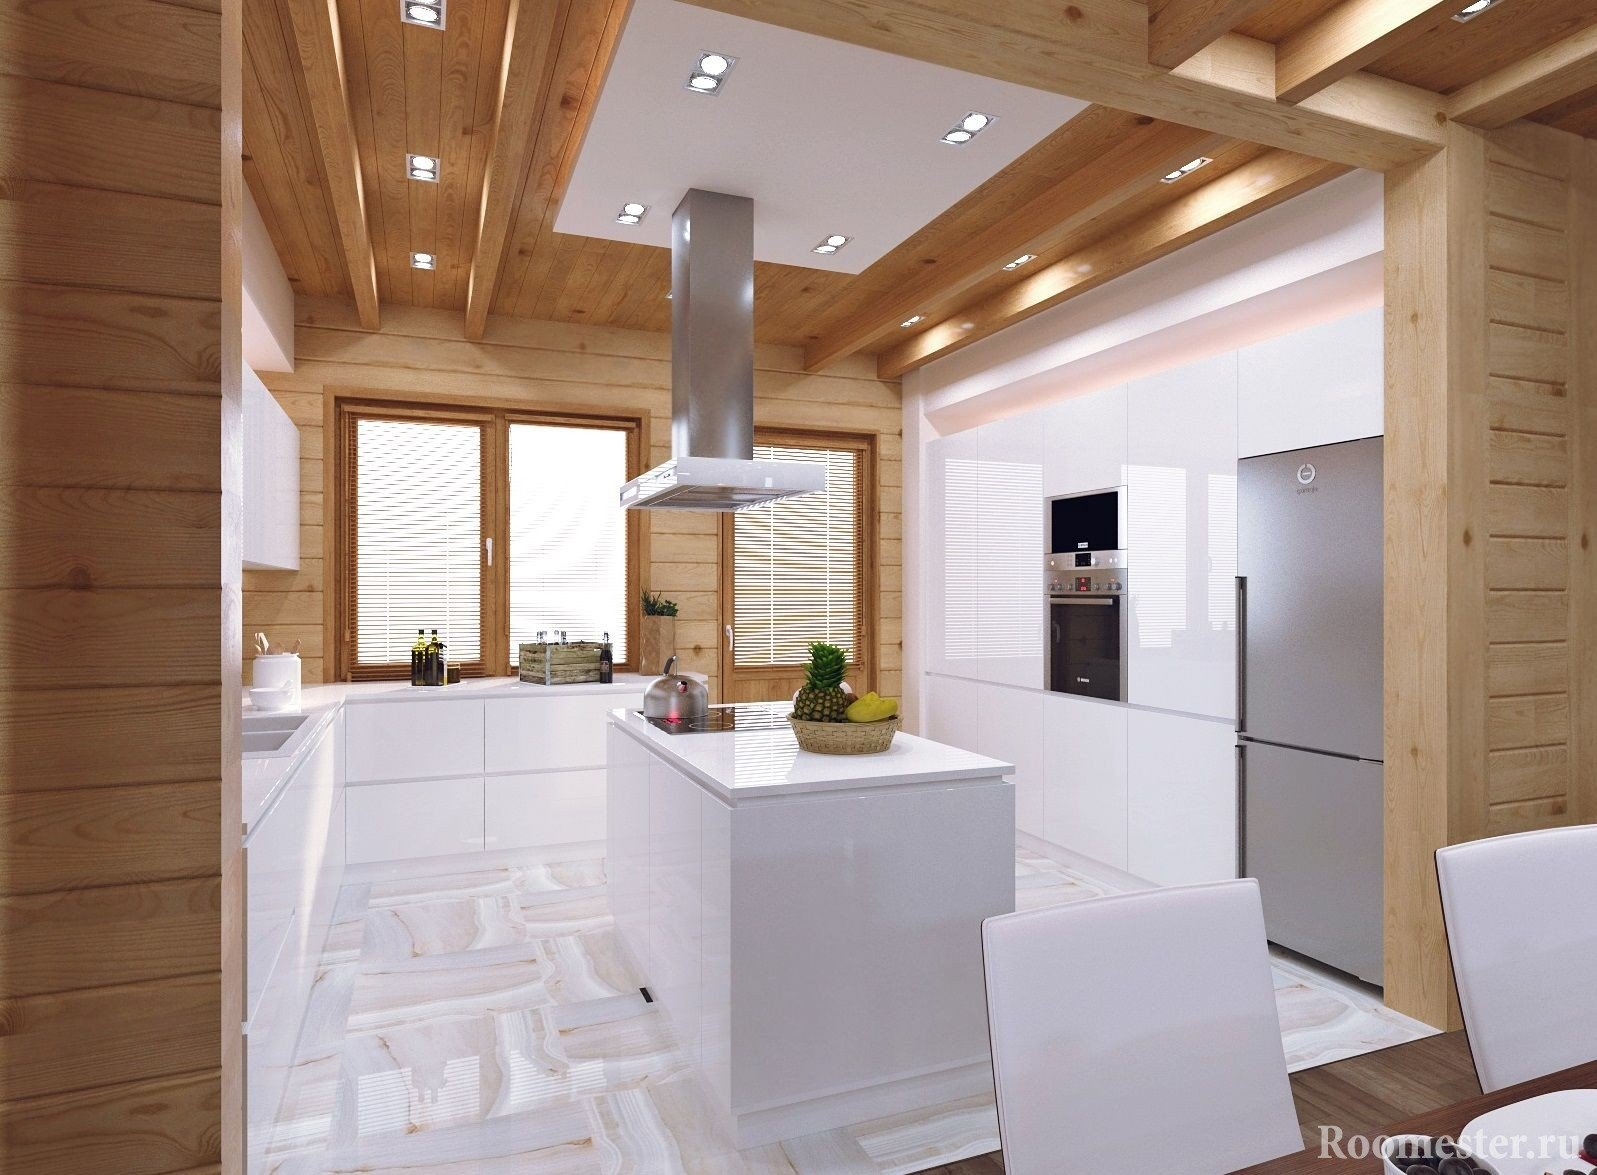 Не большая кухня в доме из бруса